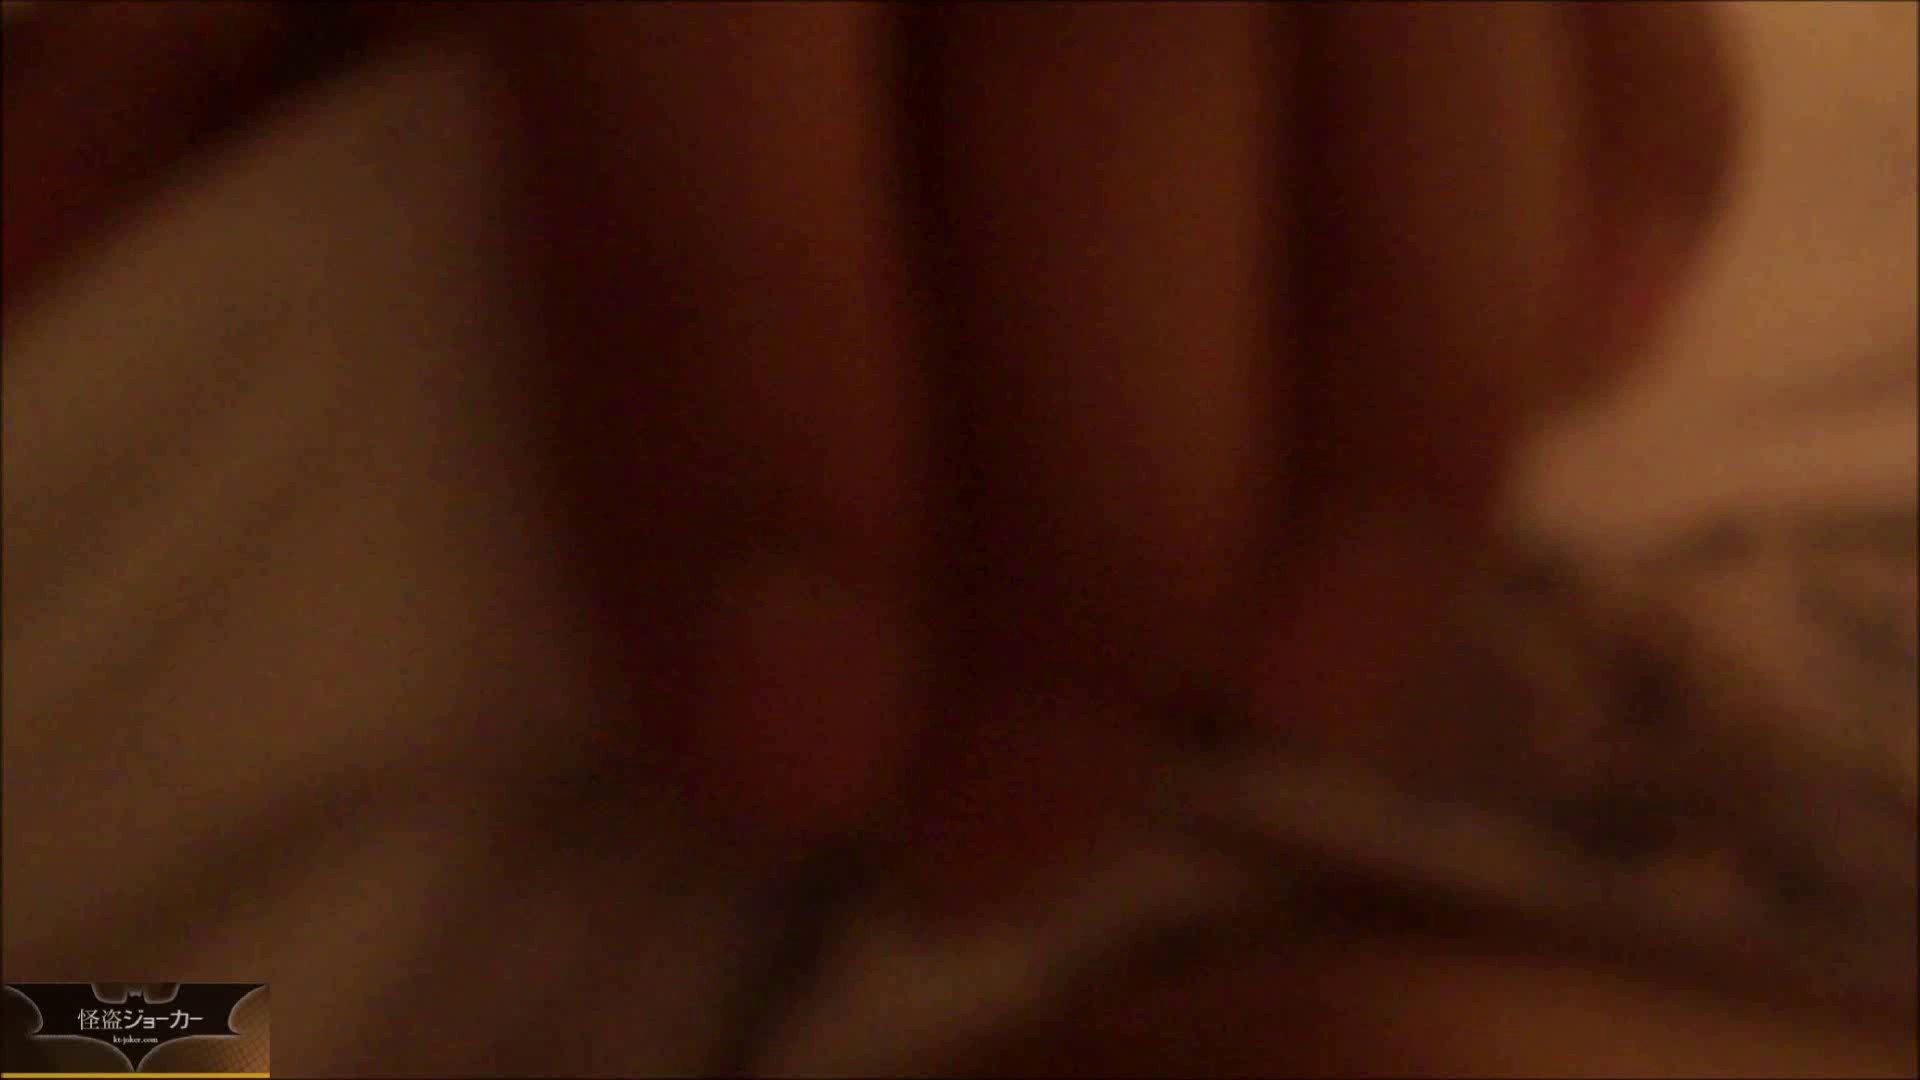 無修正エロ動画|vol.4【白衣の天使23歳】☆のりこちゃん☆ホテルお持ち帰り。朦朧のまま感じて|怪盗ジョーカー